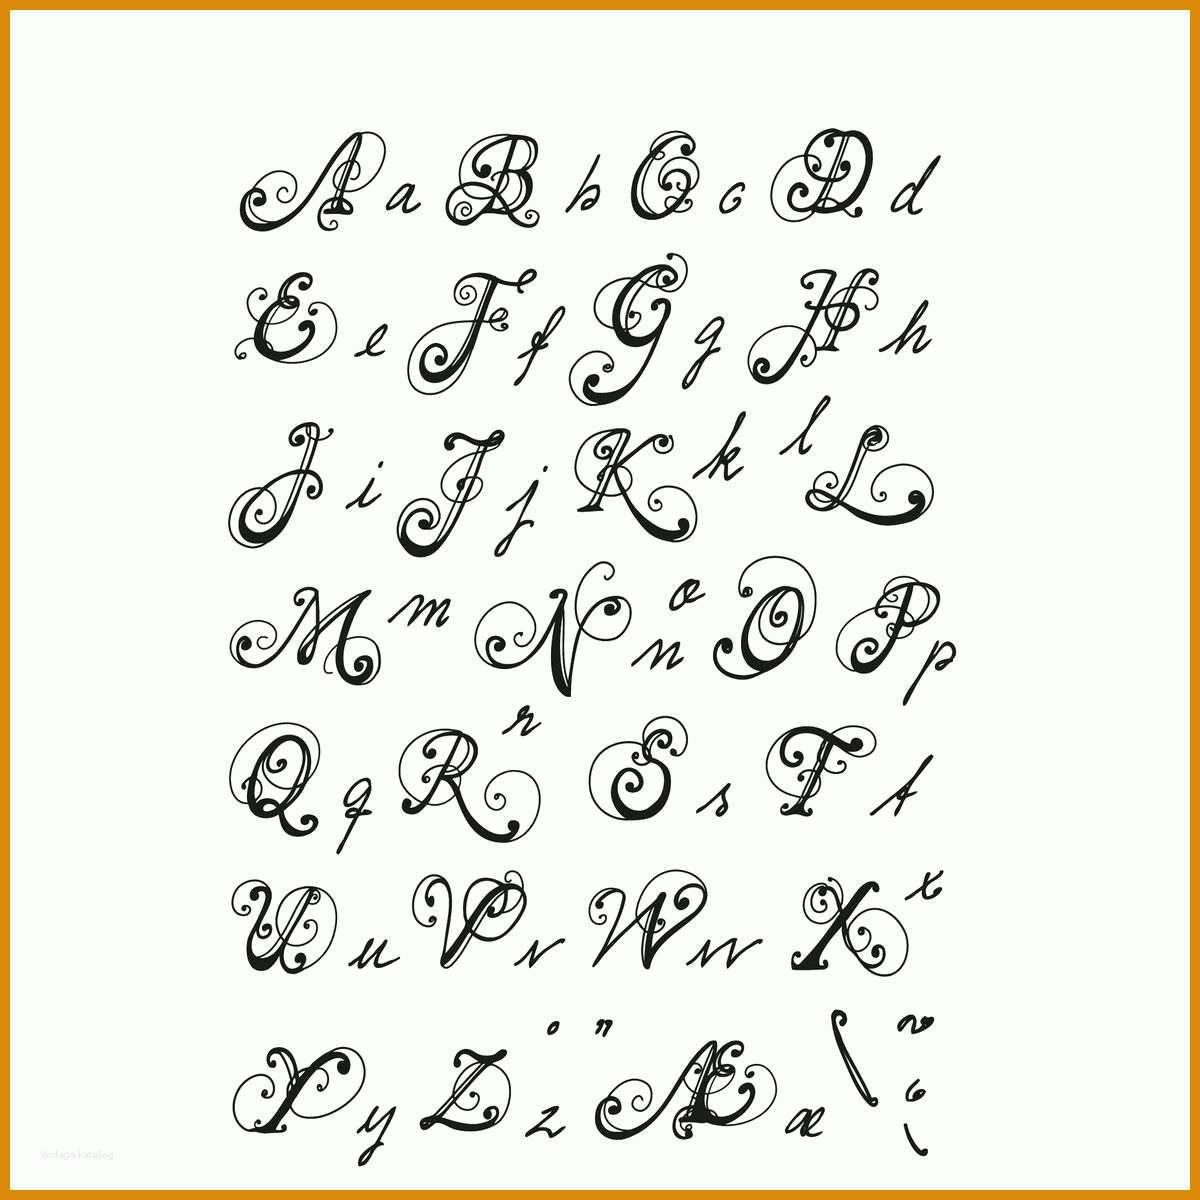 Pin Von Frau M Auf Gestalten In 2020 Buchstaben Vorlagen Zum Ausdrucken Buchstaben Vorlagen Kleine Tattoos Frauen